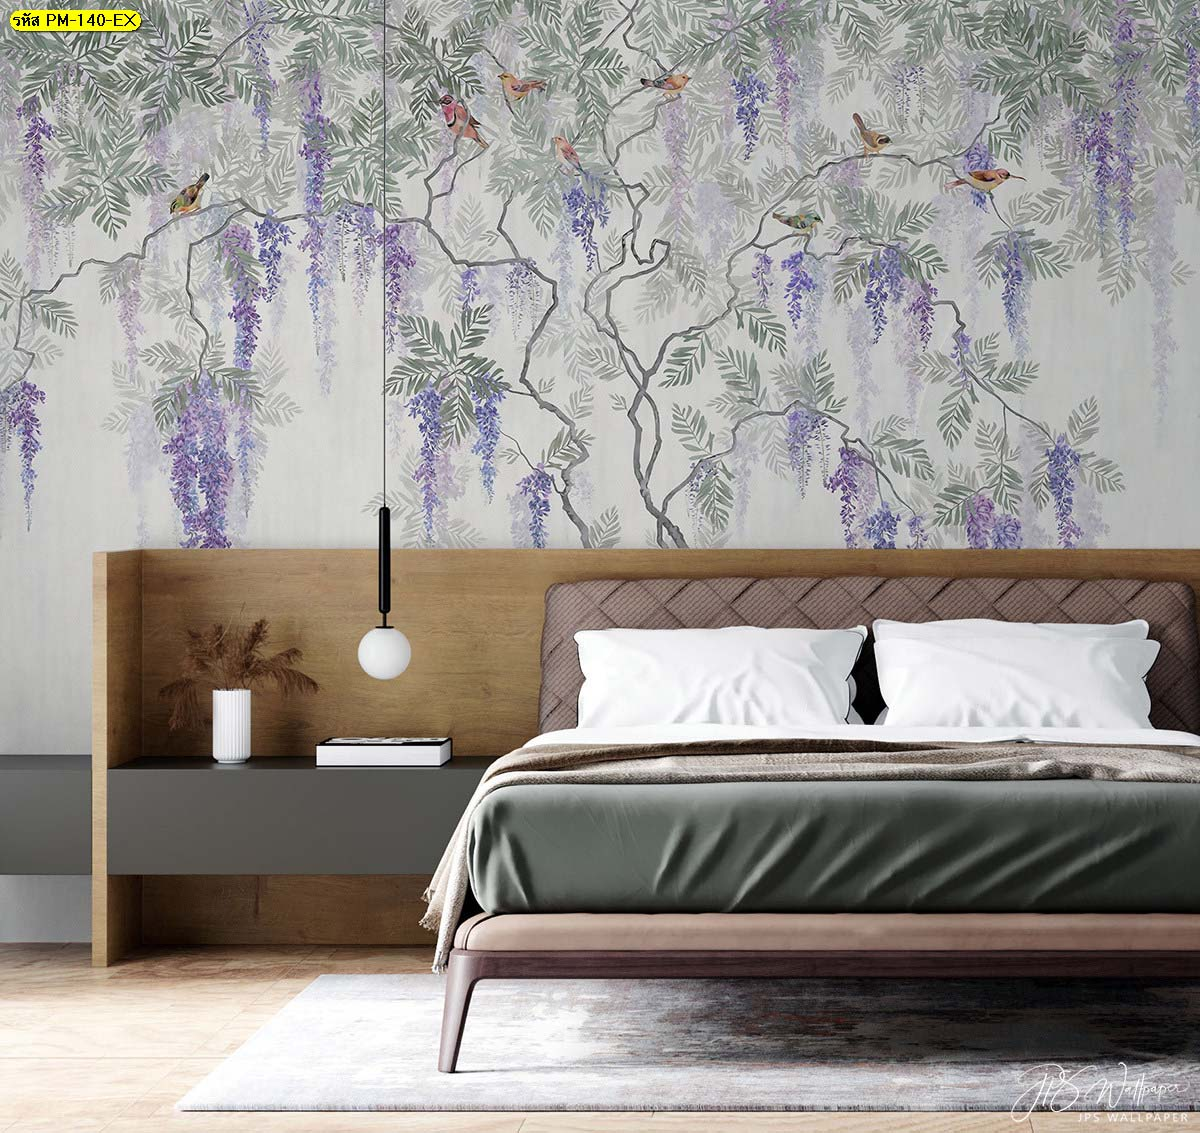 ลดความรู้สึกอึดอัดในห้องนอนเตียงไม้สีเข้มได้โดยการเลือกติดวอลเปเปอร์สีสว่าง